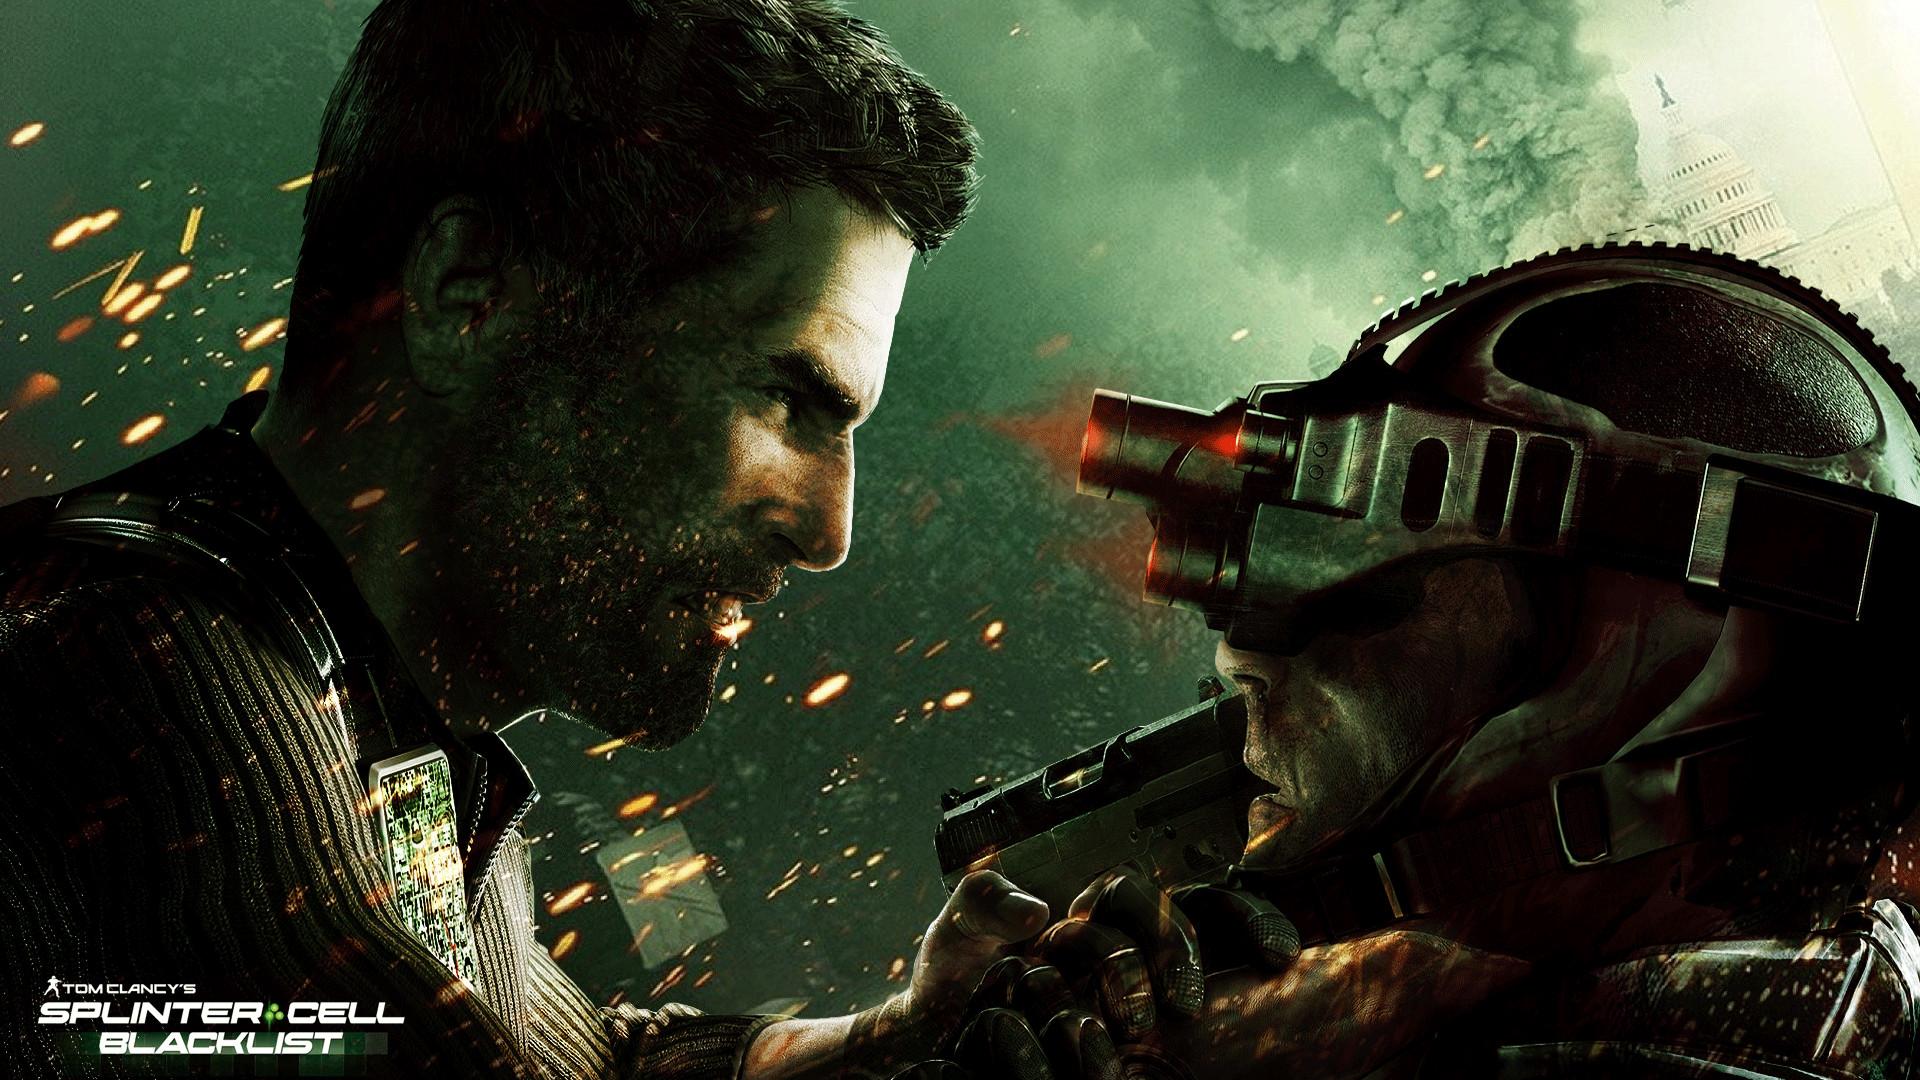 Splinter Cell Blacklist Wallpaper Download